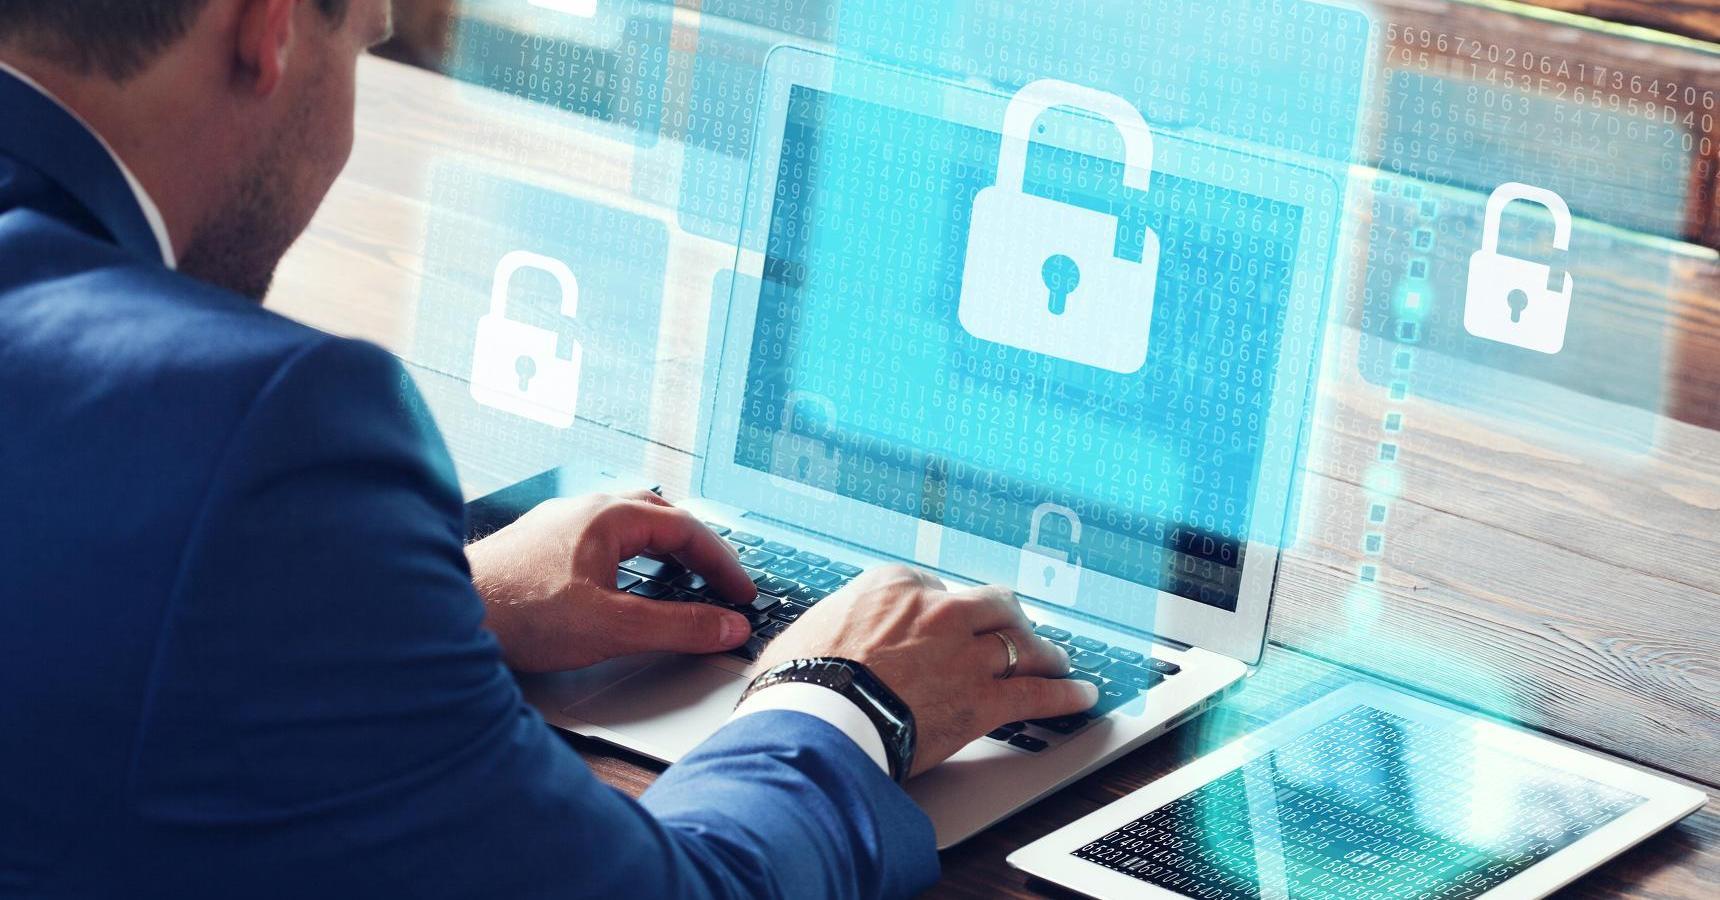 Security Awareness Scan